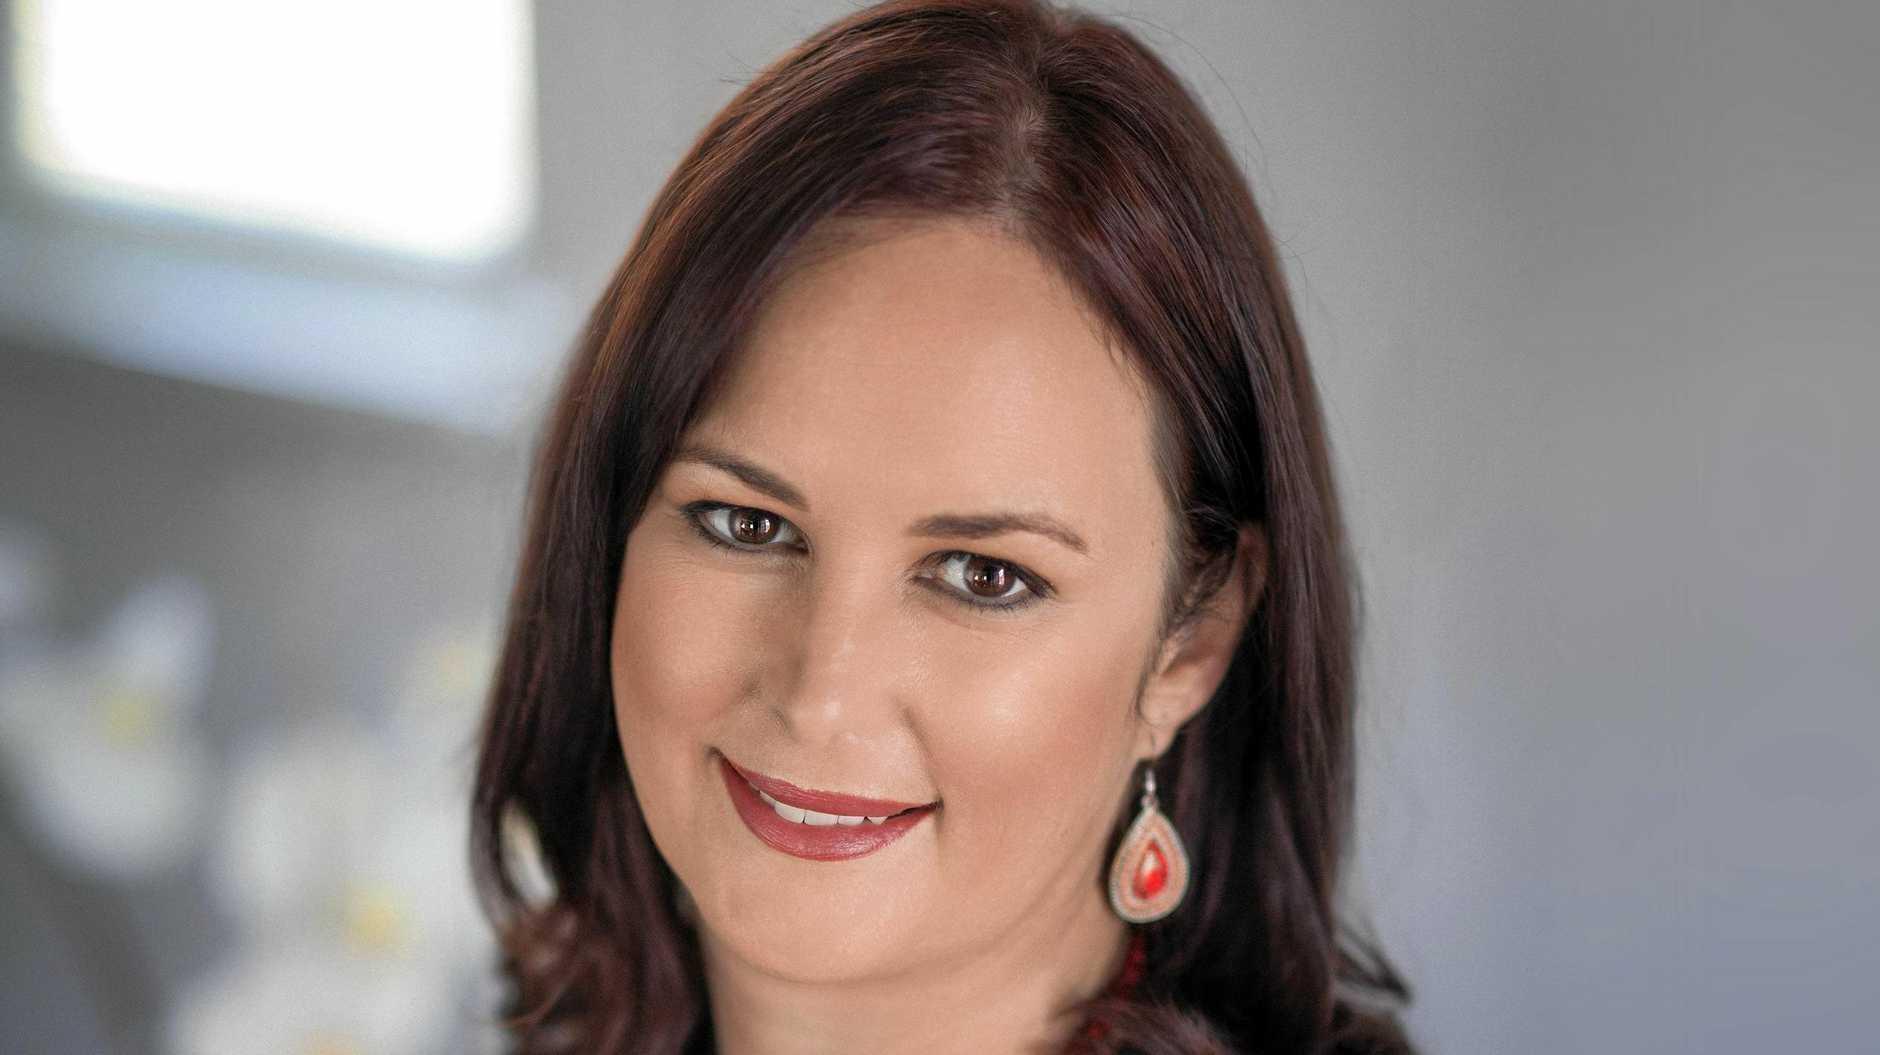 REIQ media manager Felicity Moore